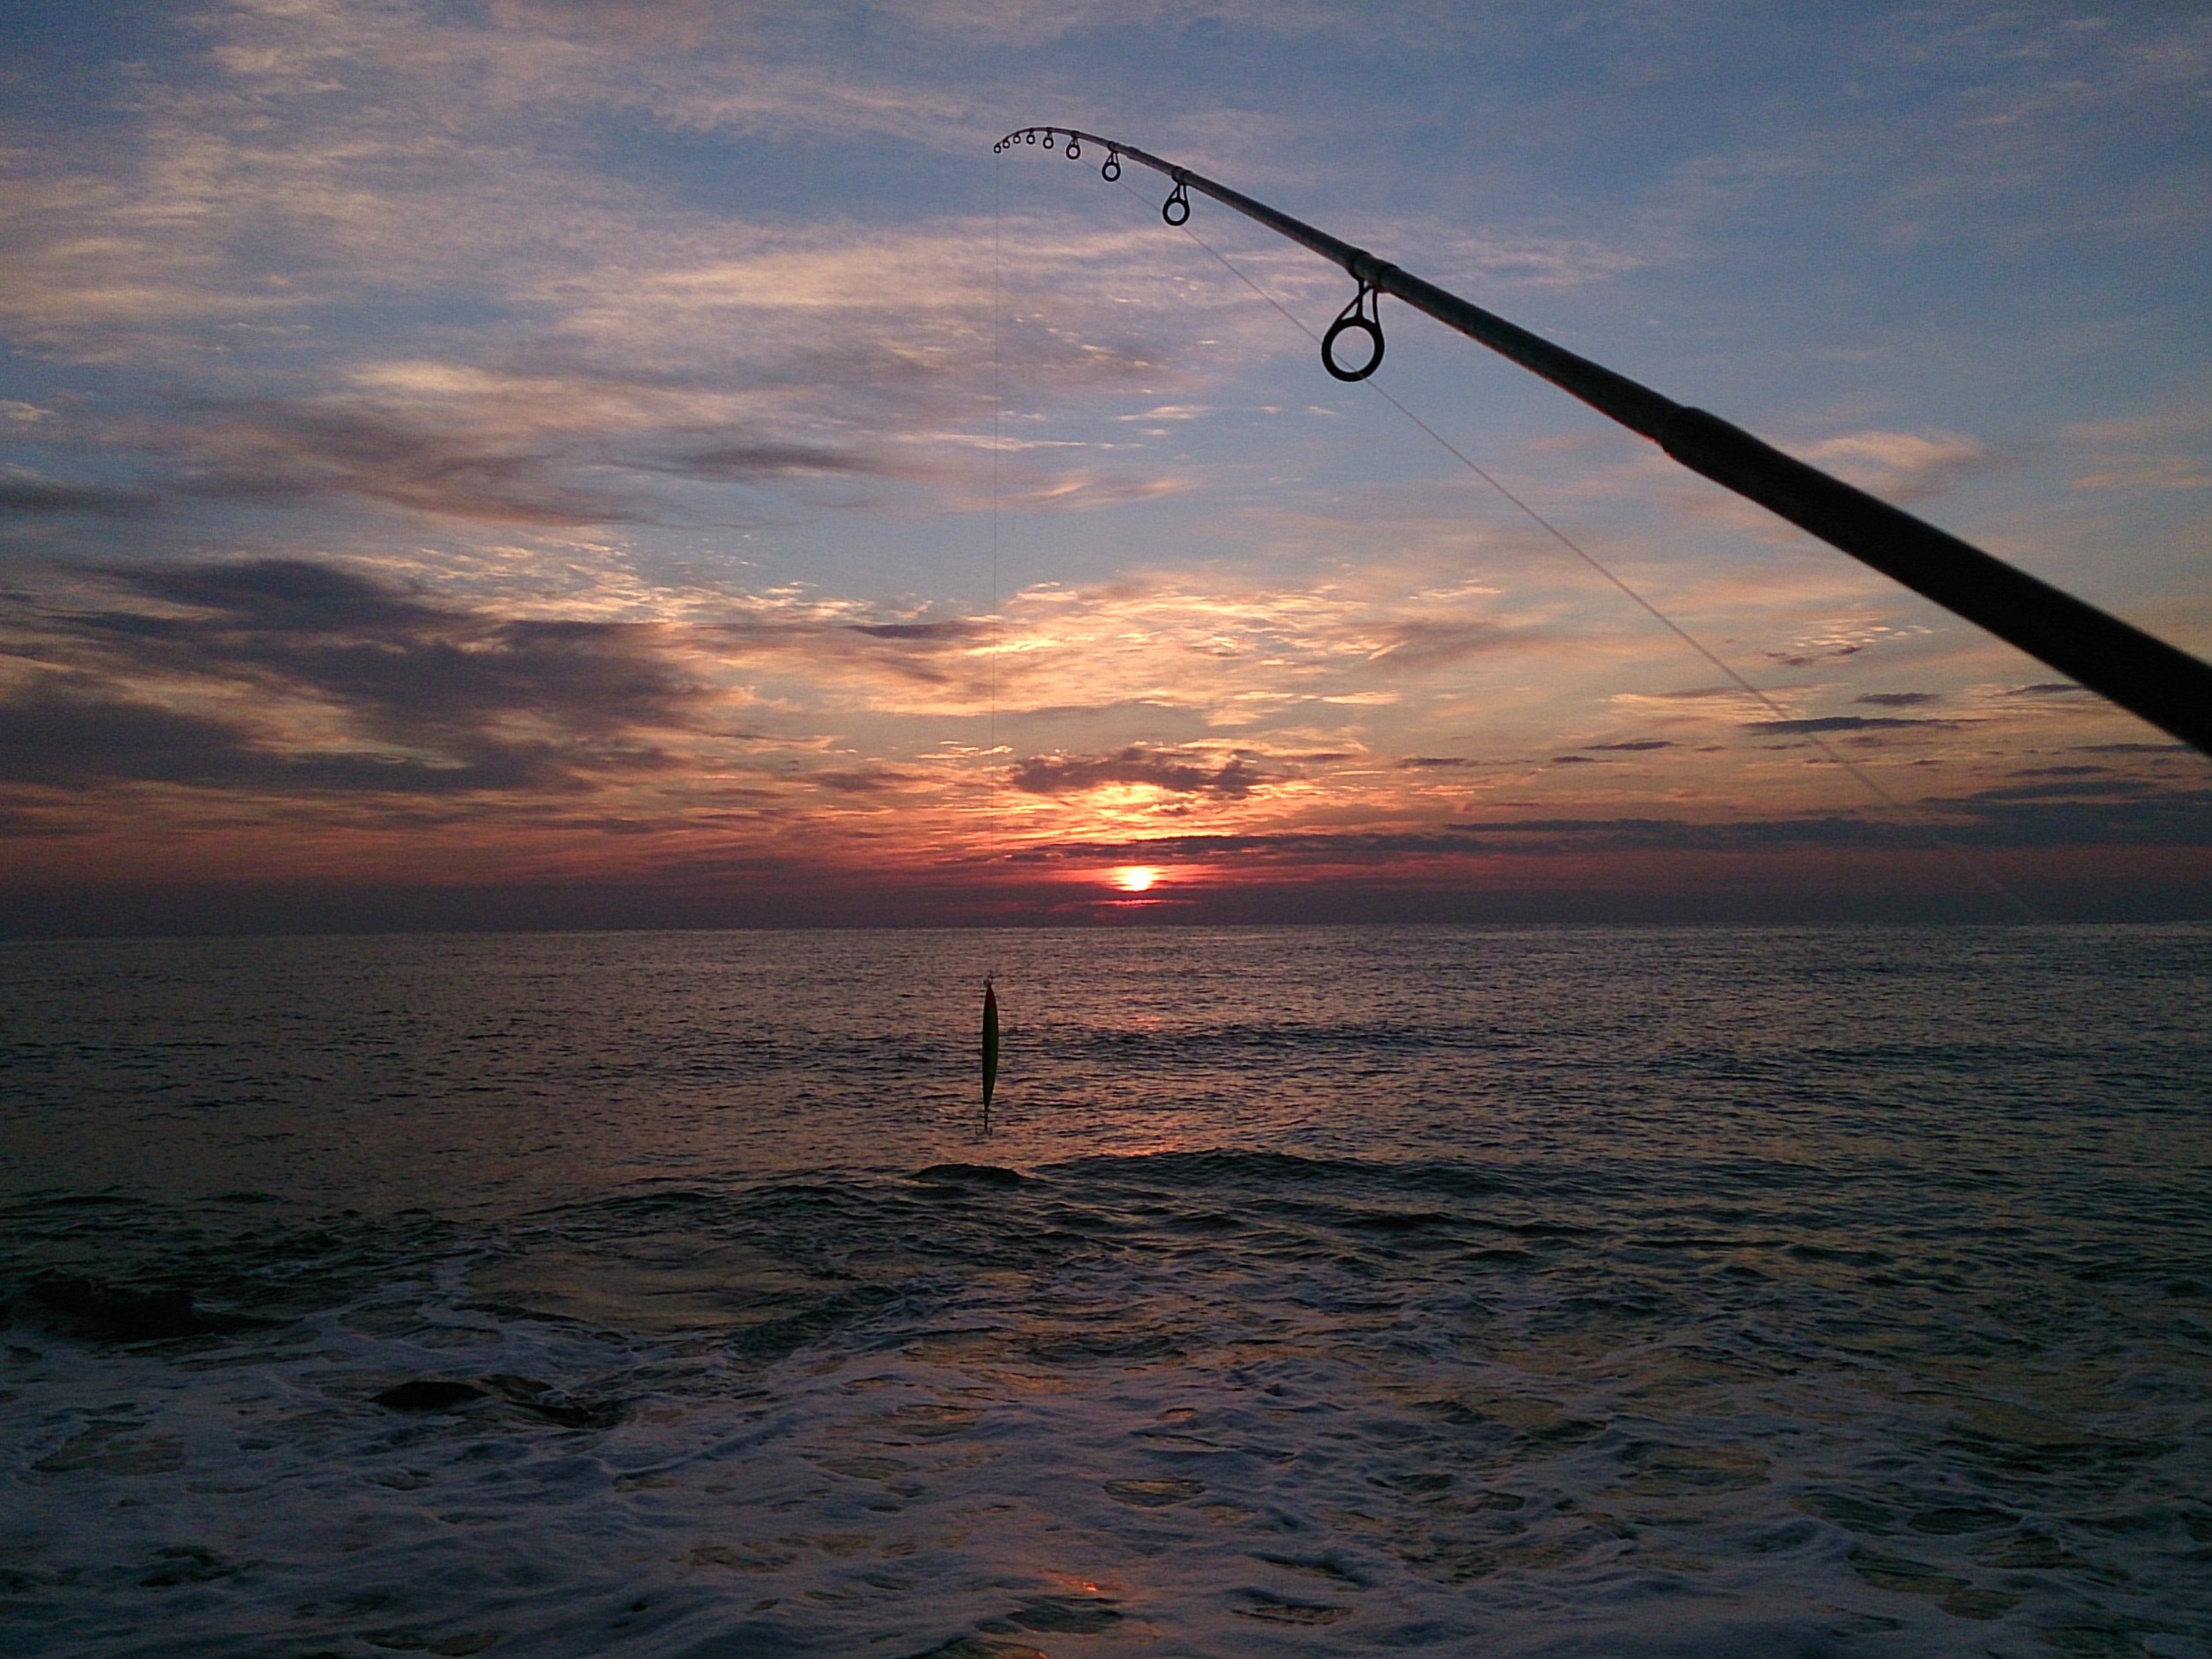 Fishing_20141119_1121-03.jpg